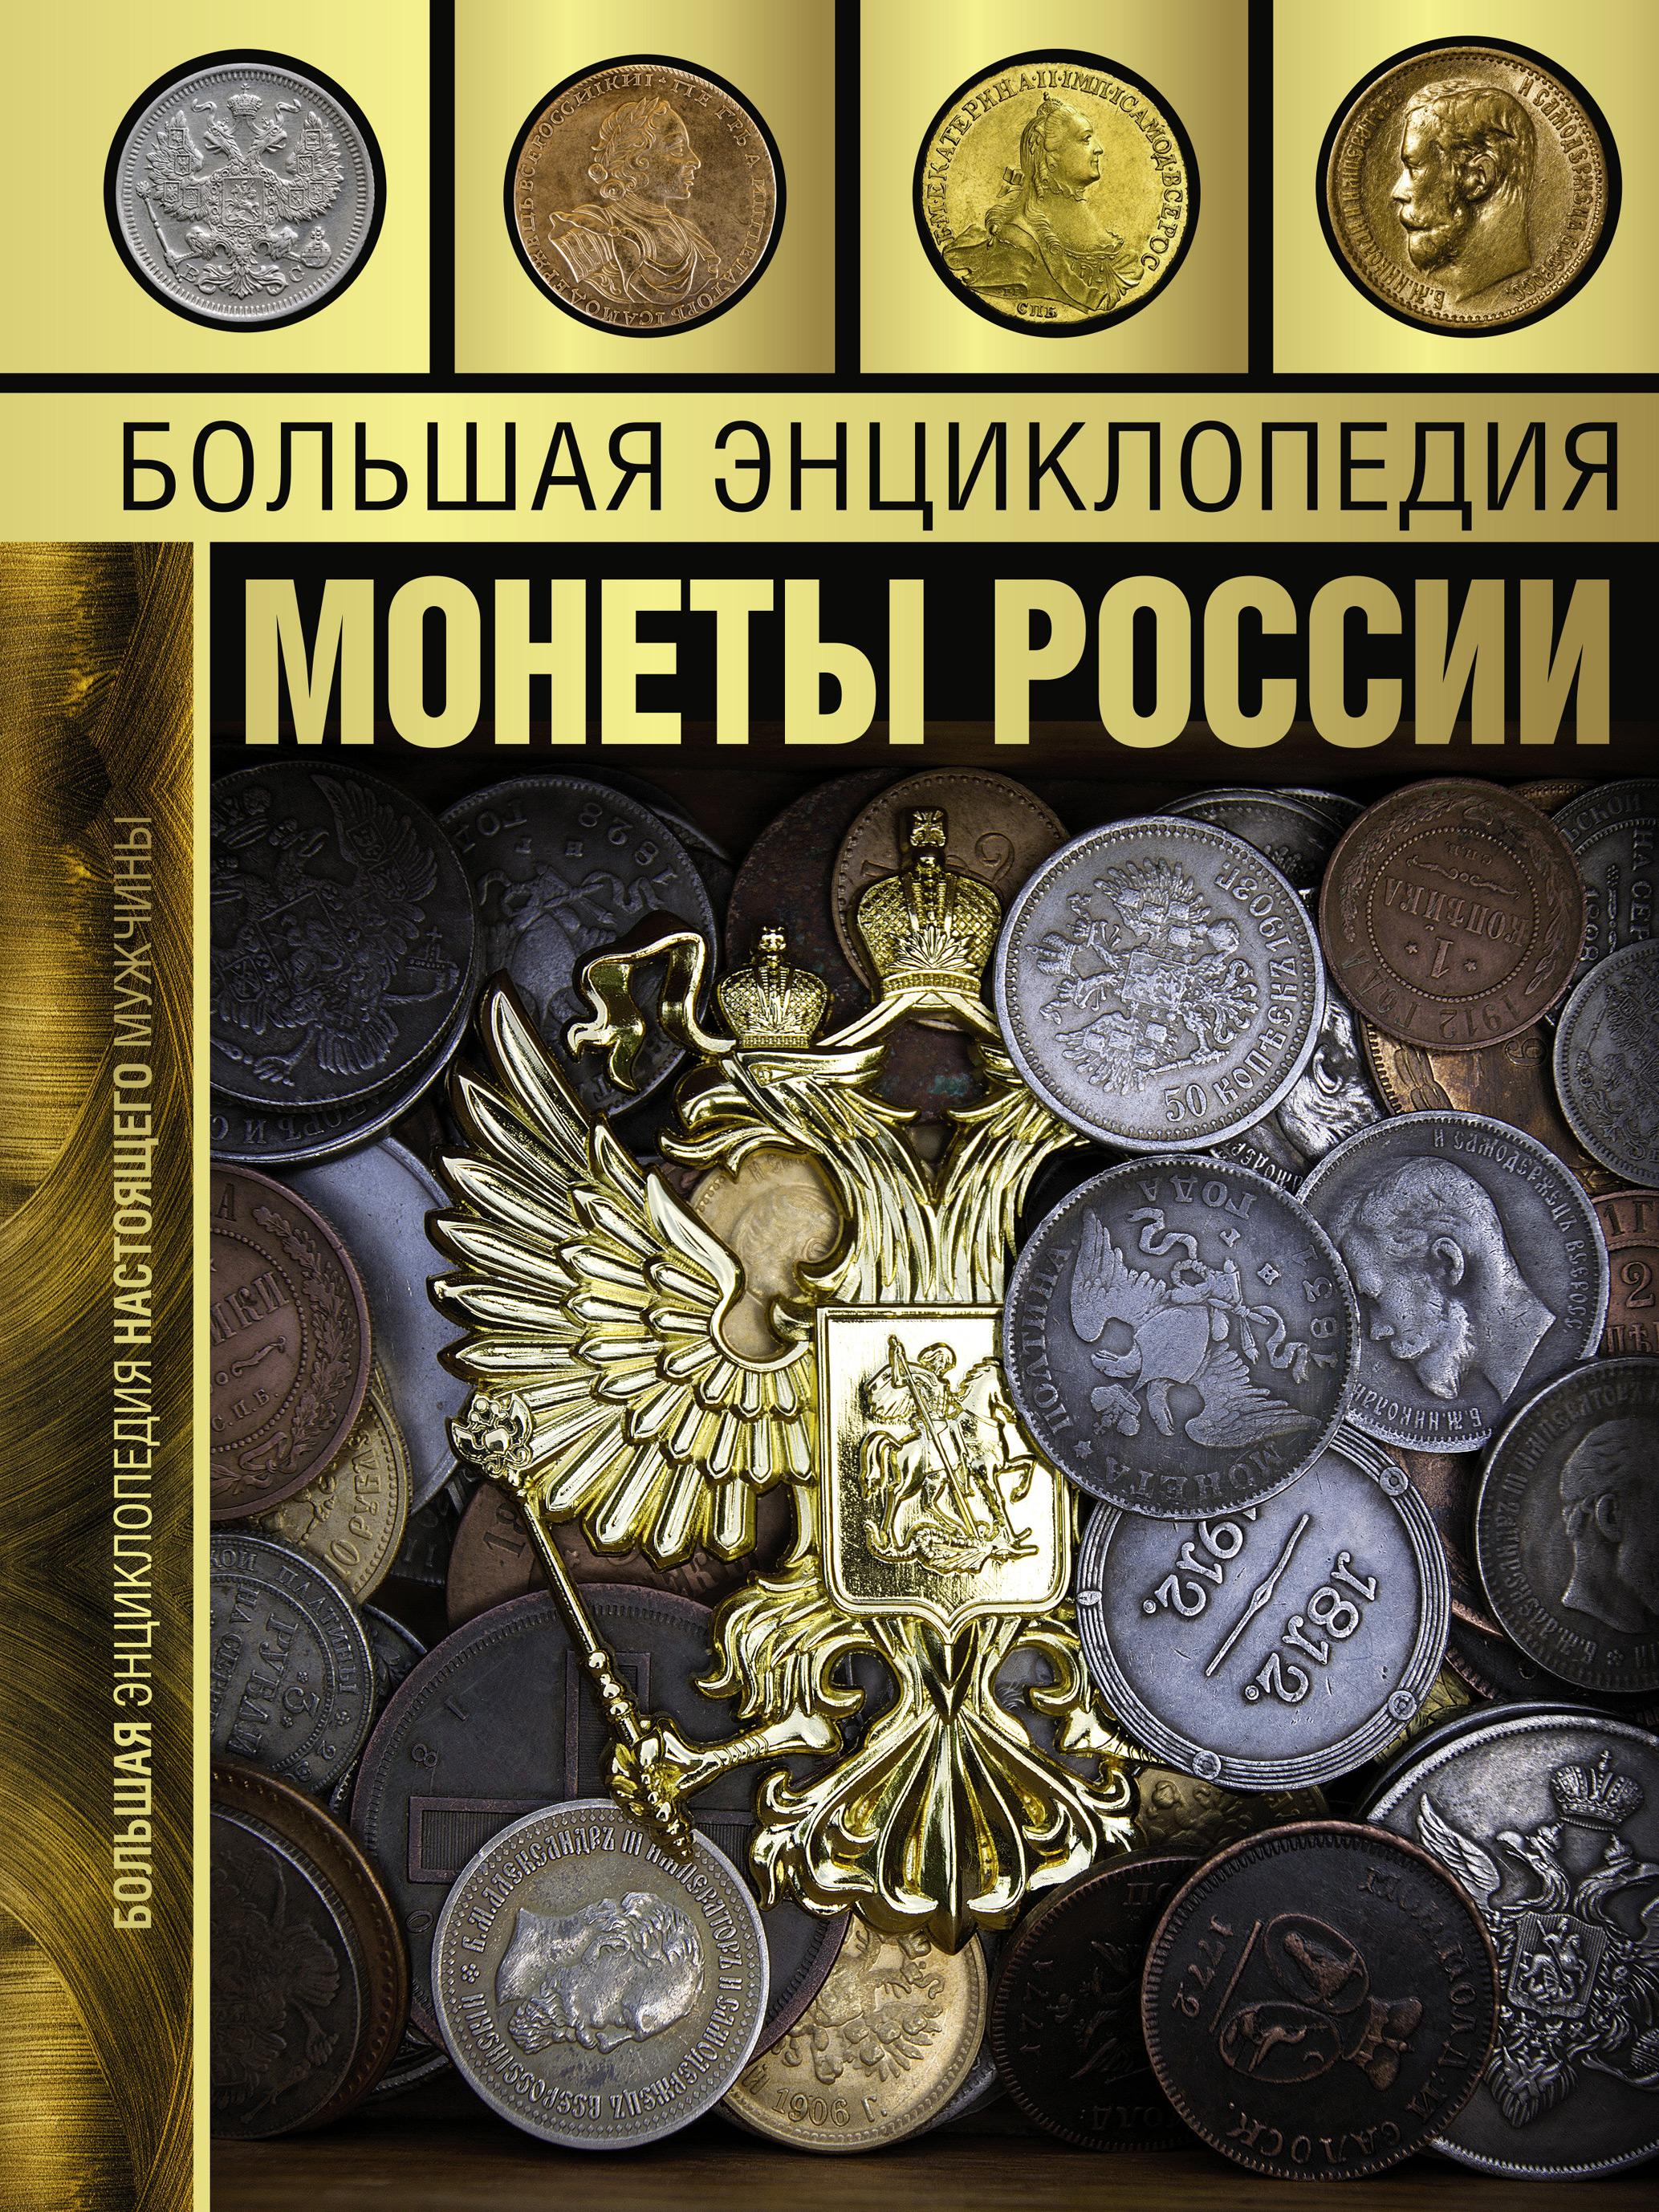 Купить книгу Большая энциклопедия. Монеты России, автора А. Г. Мерникова